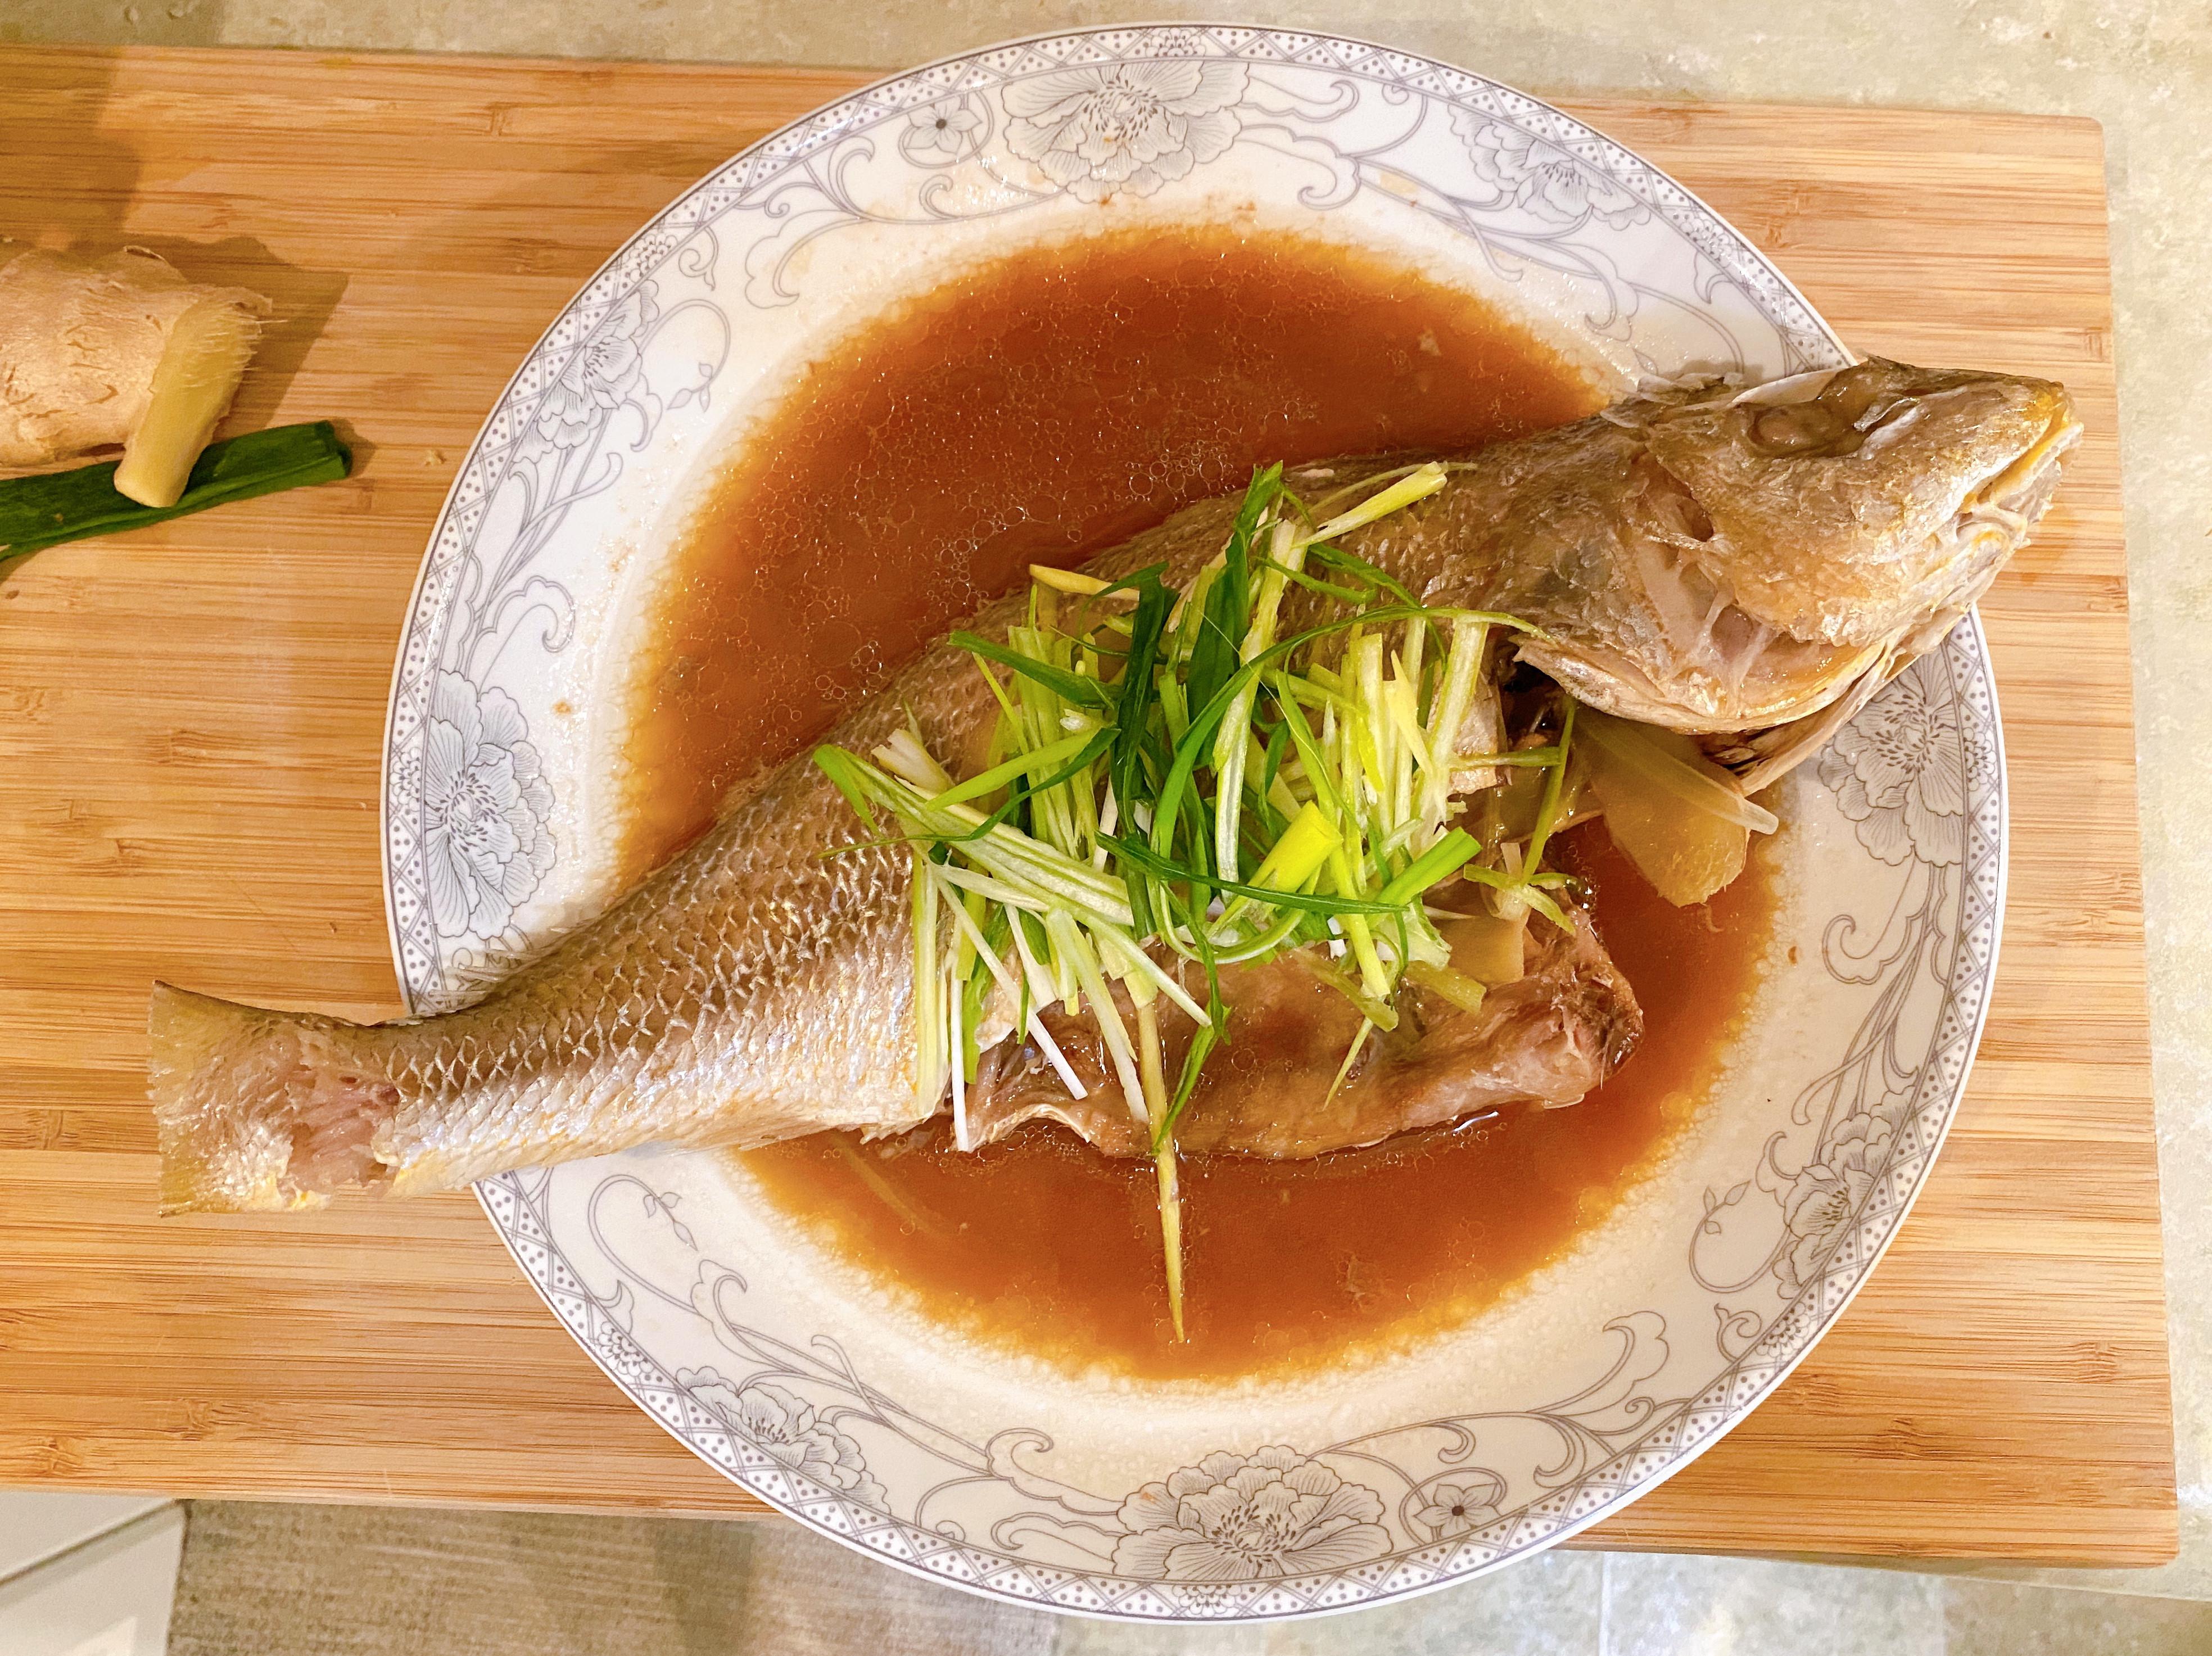 鮮甜夠味清蒸鮮魚